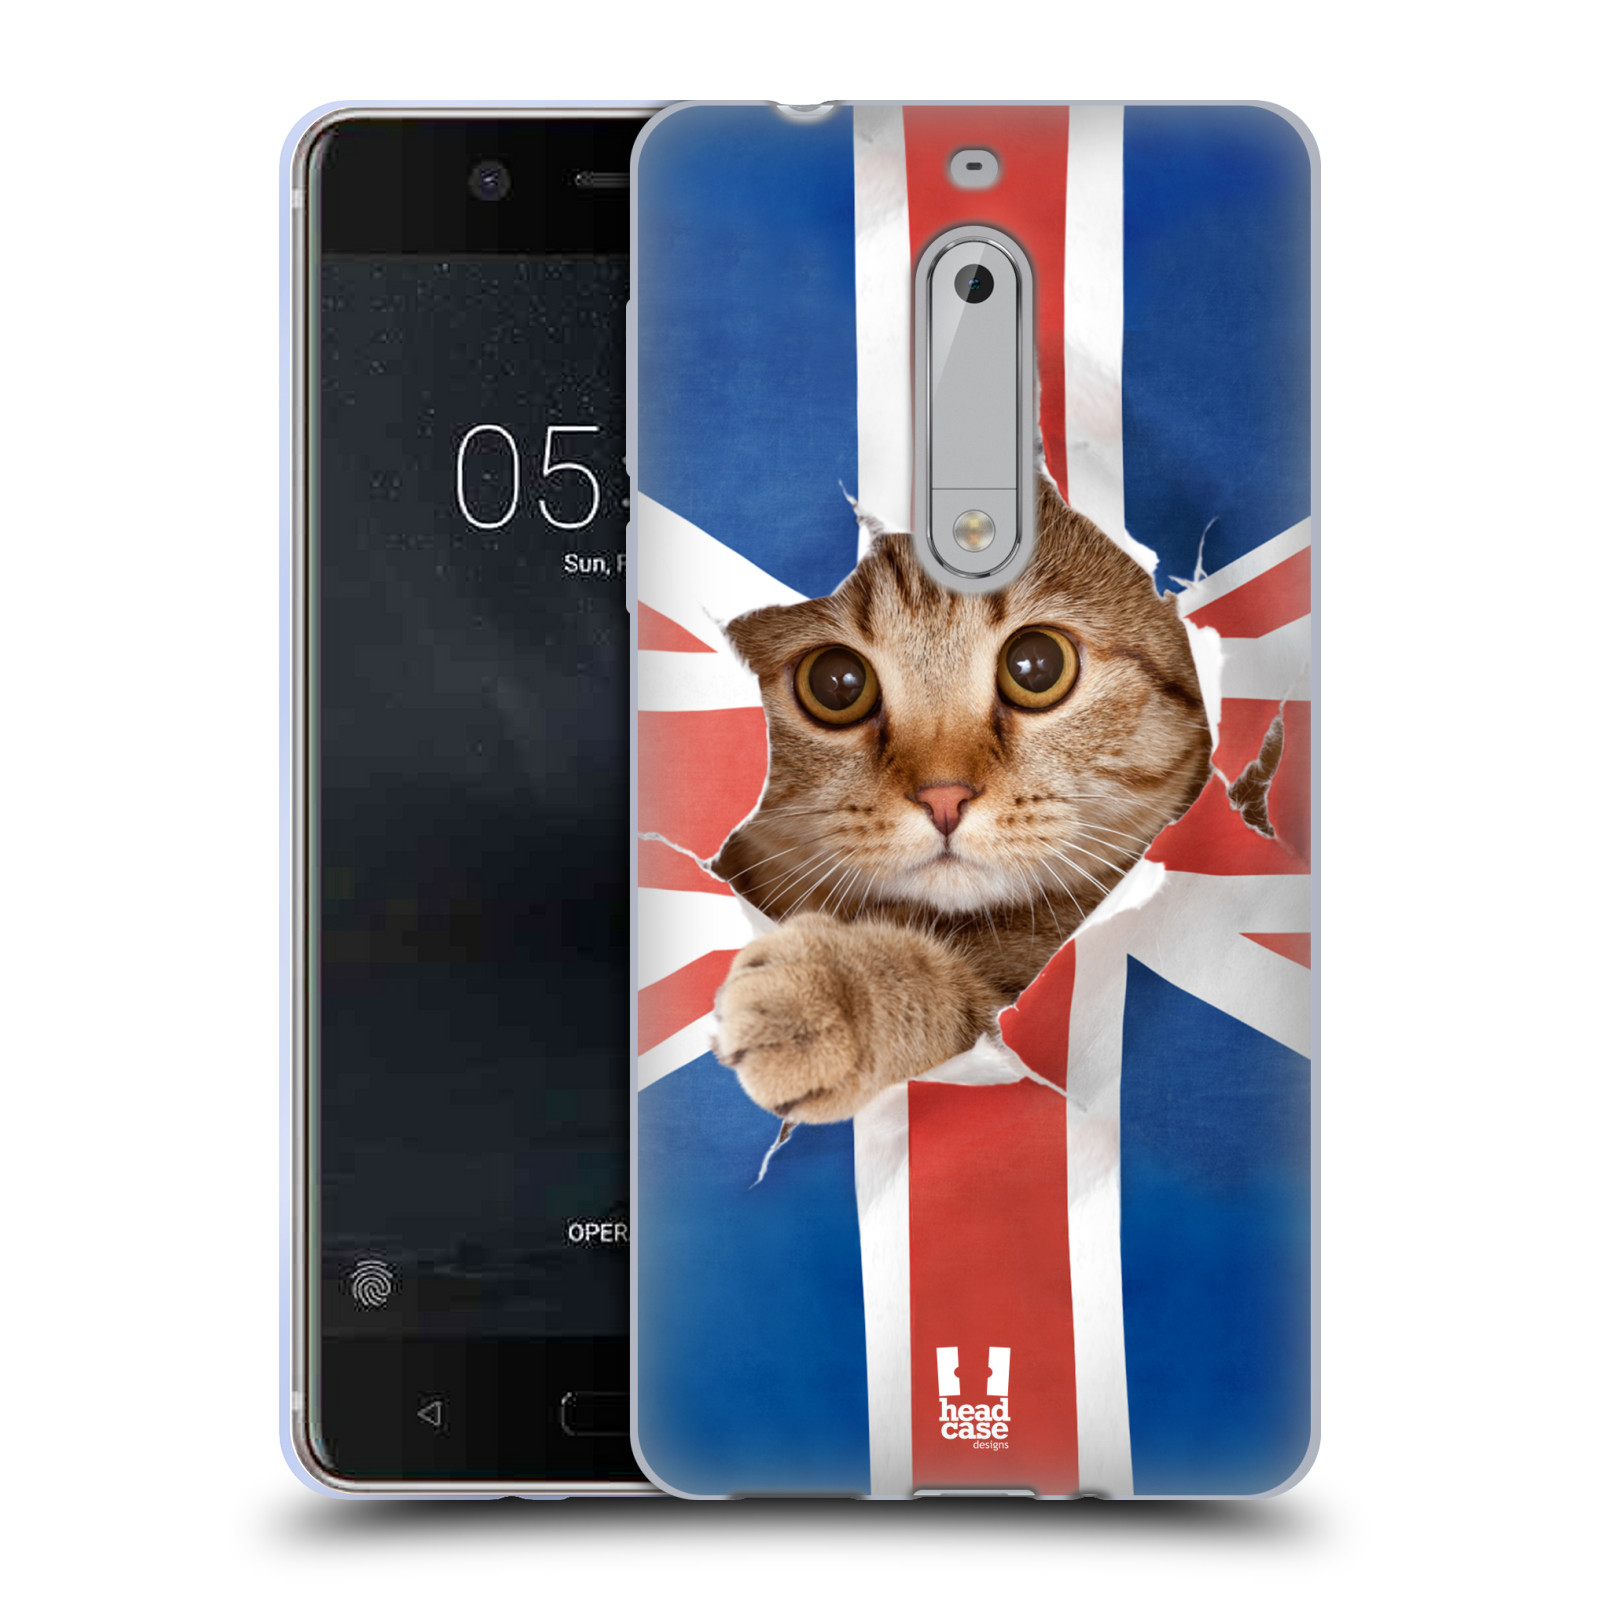 Silikonové pouzdro na mobil Nokia 5 Head Case - KOČKA A VLAJKA